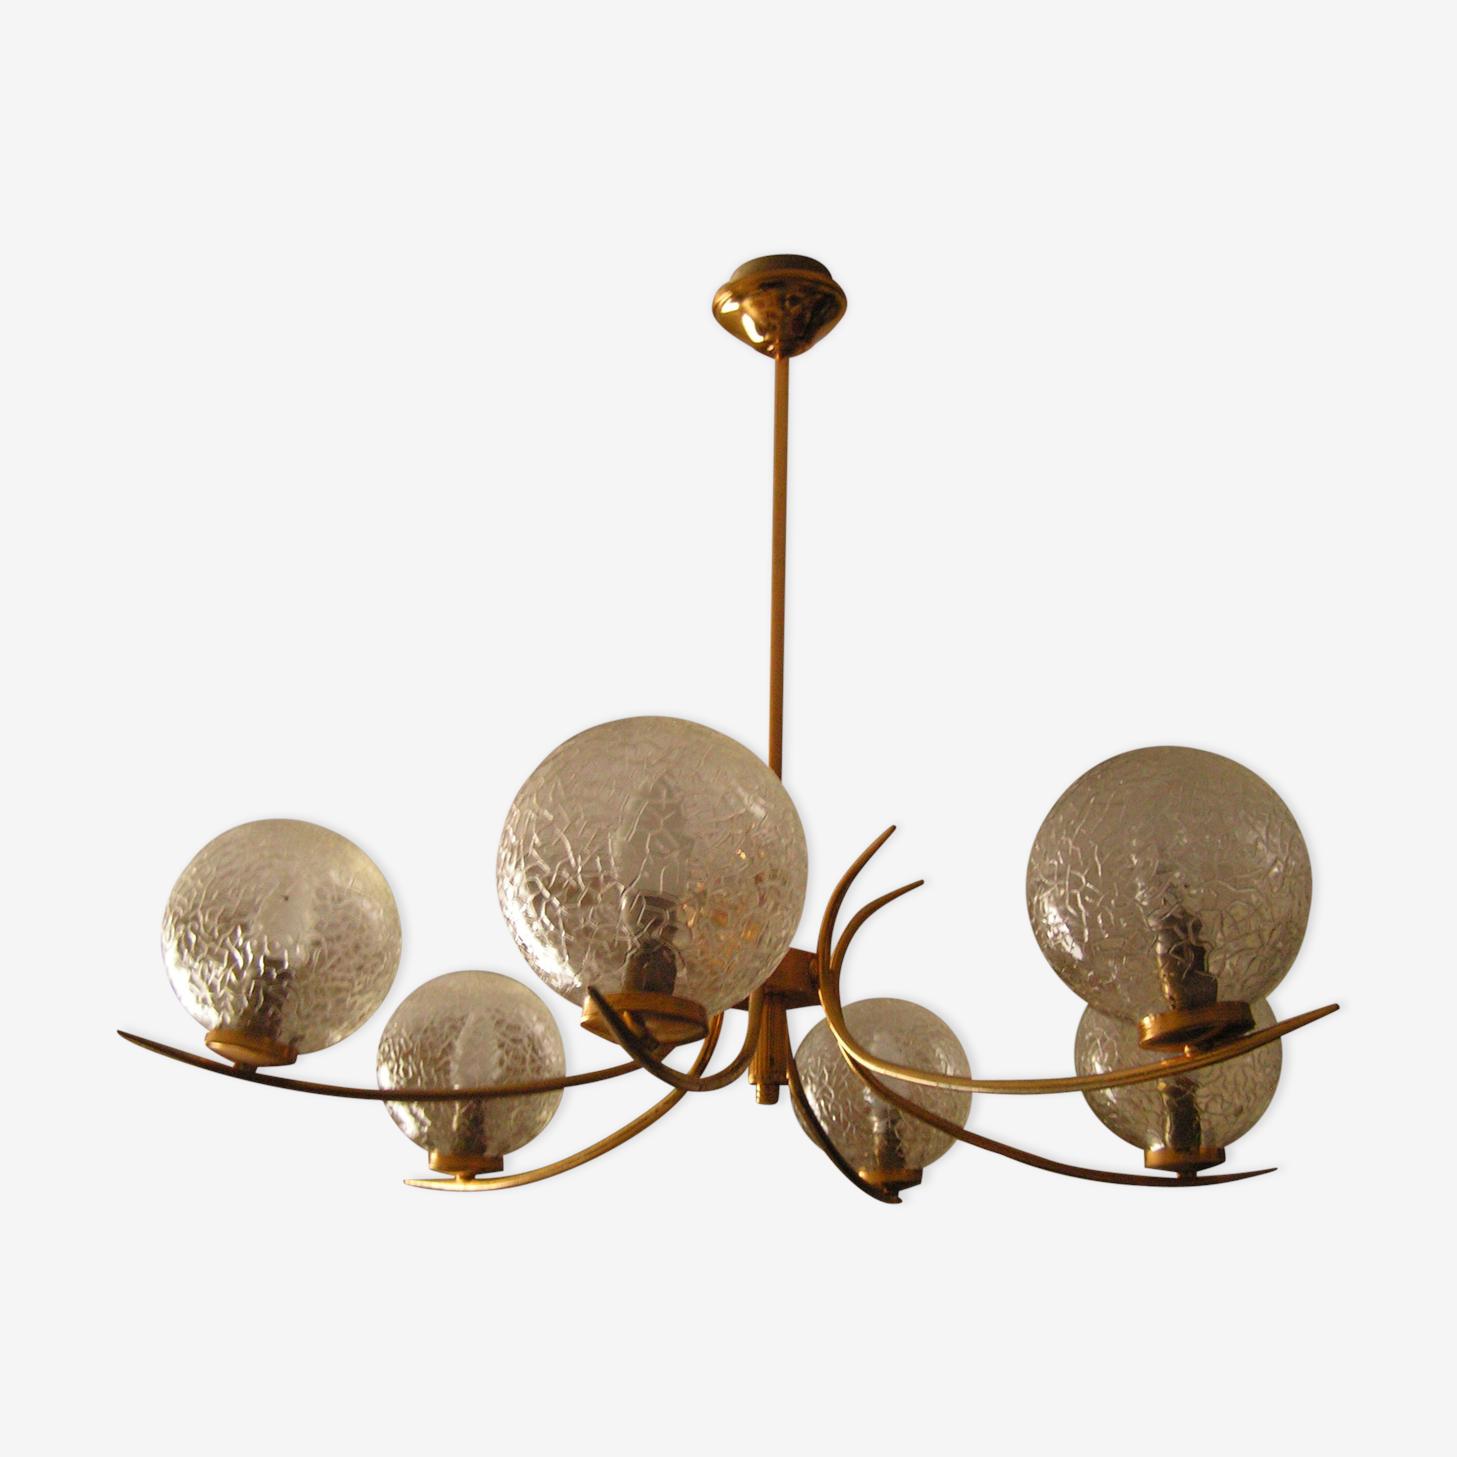 Lustre 6 globes en verre craquelé